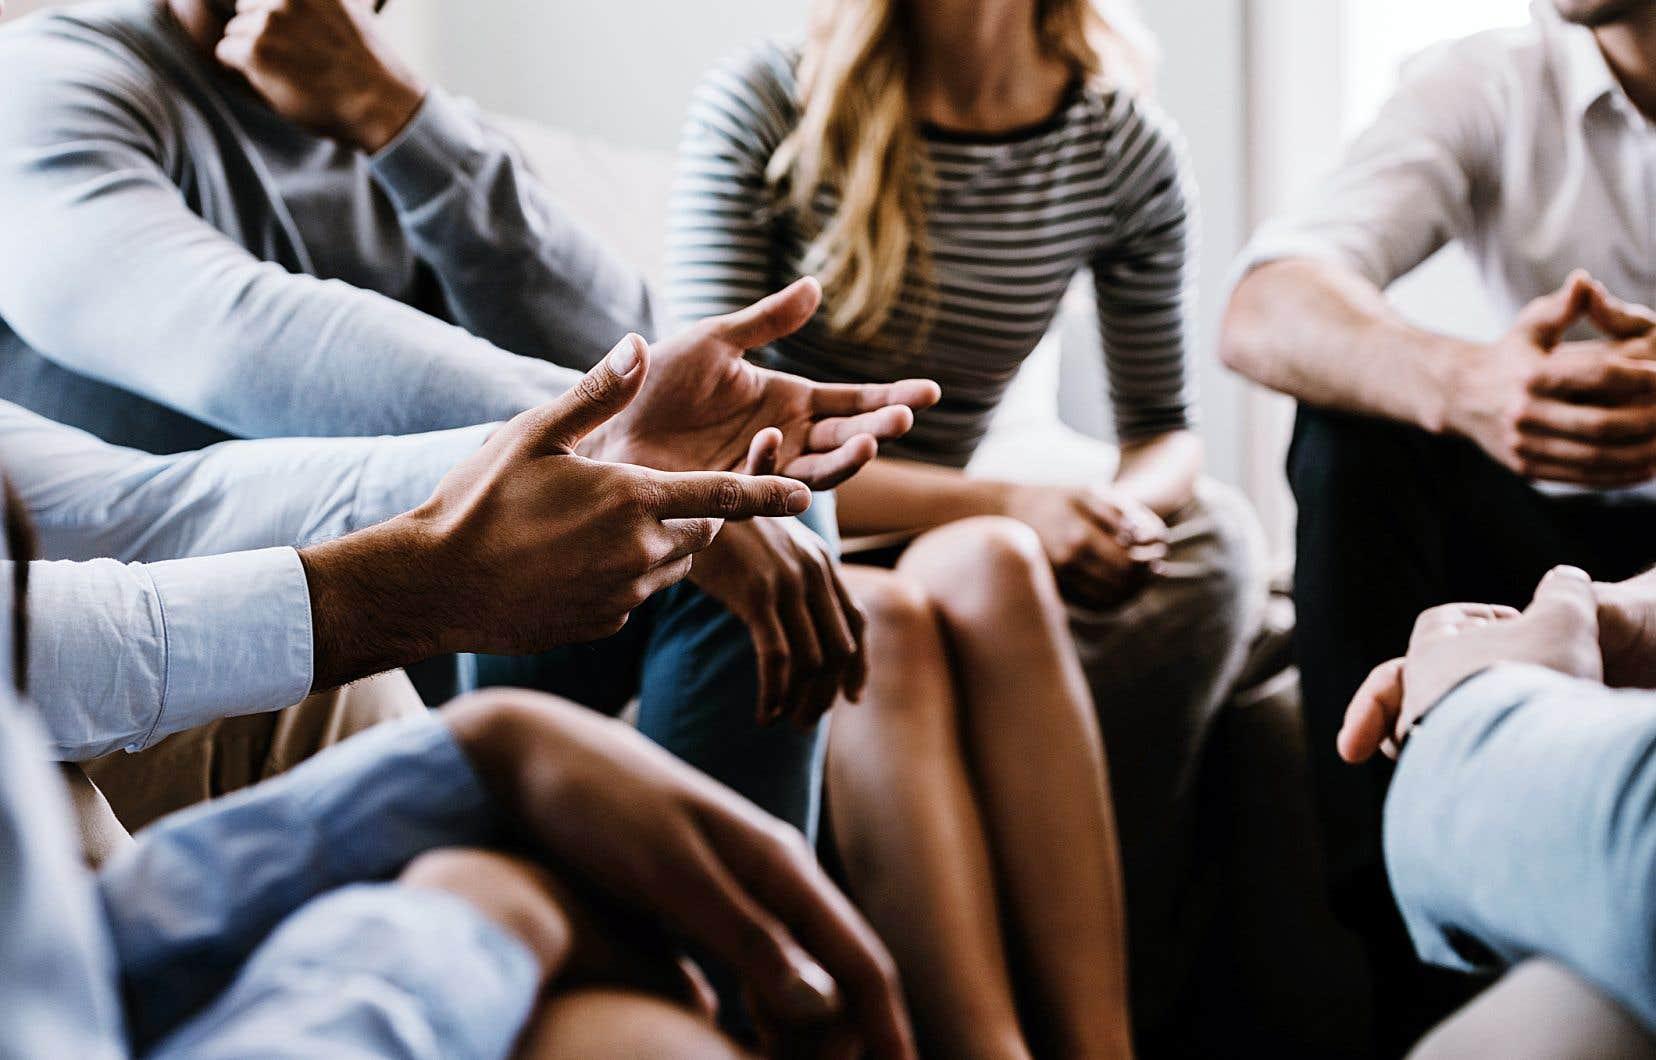 «Plus les gens débattent, plus ils réfléchissent, plus ils posent des questions, et plus ils trouvent des solutions, souvent avec éloquence», souligne le professeur de philosophie à l'UdeM Christian Nadeau.